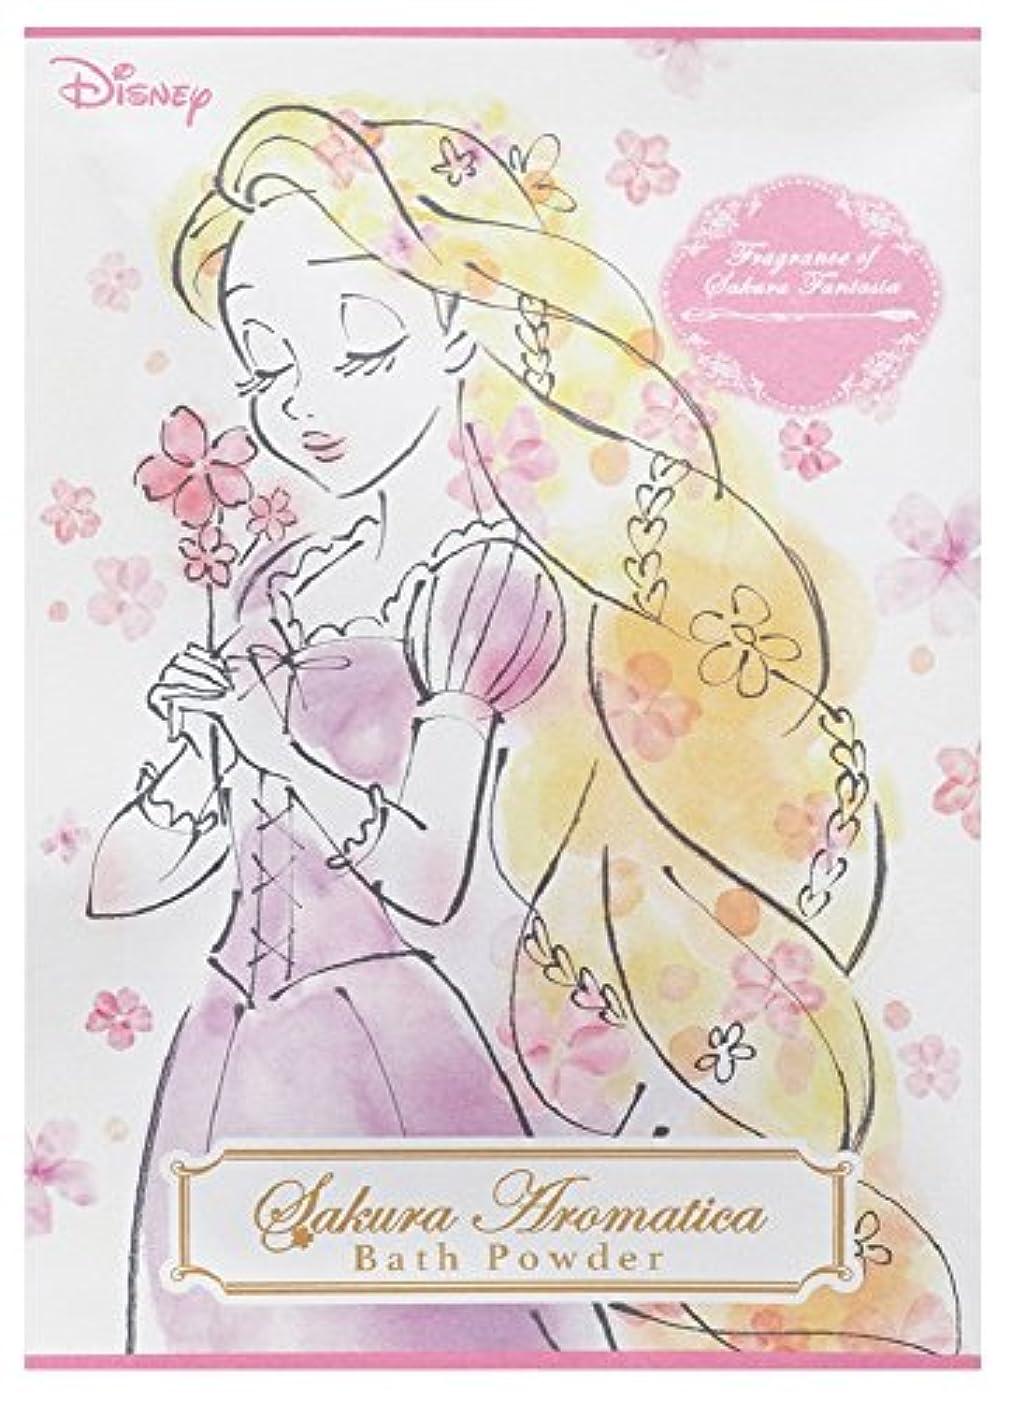 無心テント落胆したディズニー 入浴剤 バスパウダー ラプンツェル サクラアロマティカ 桜の香り 40g DIT-5-02